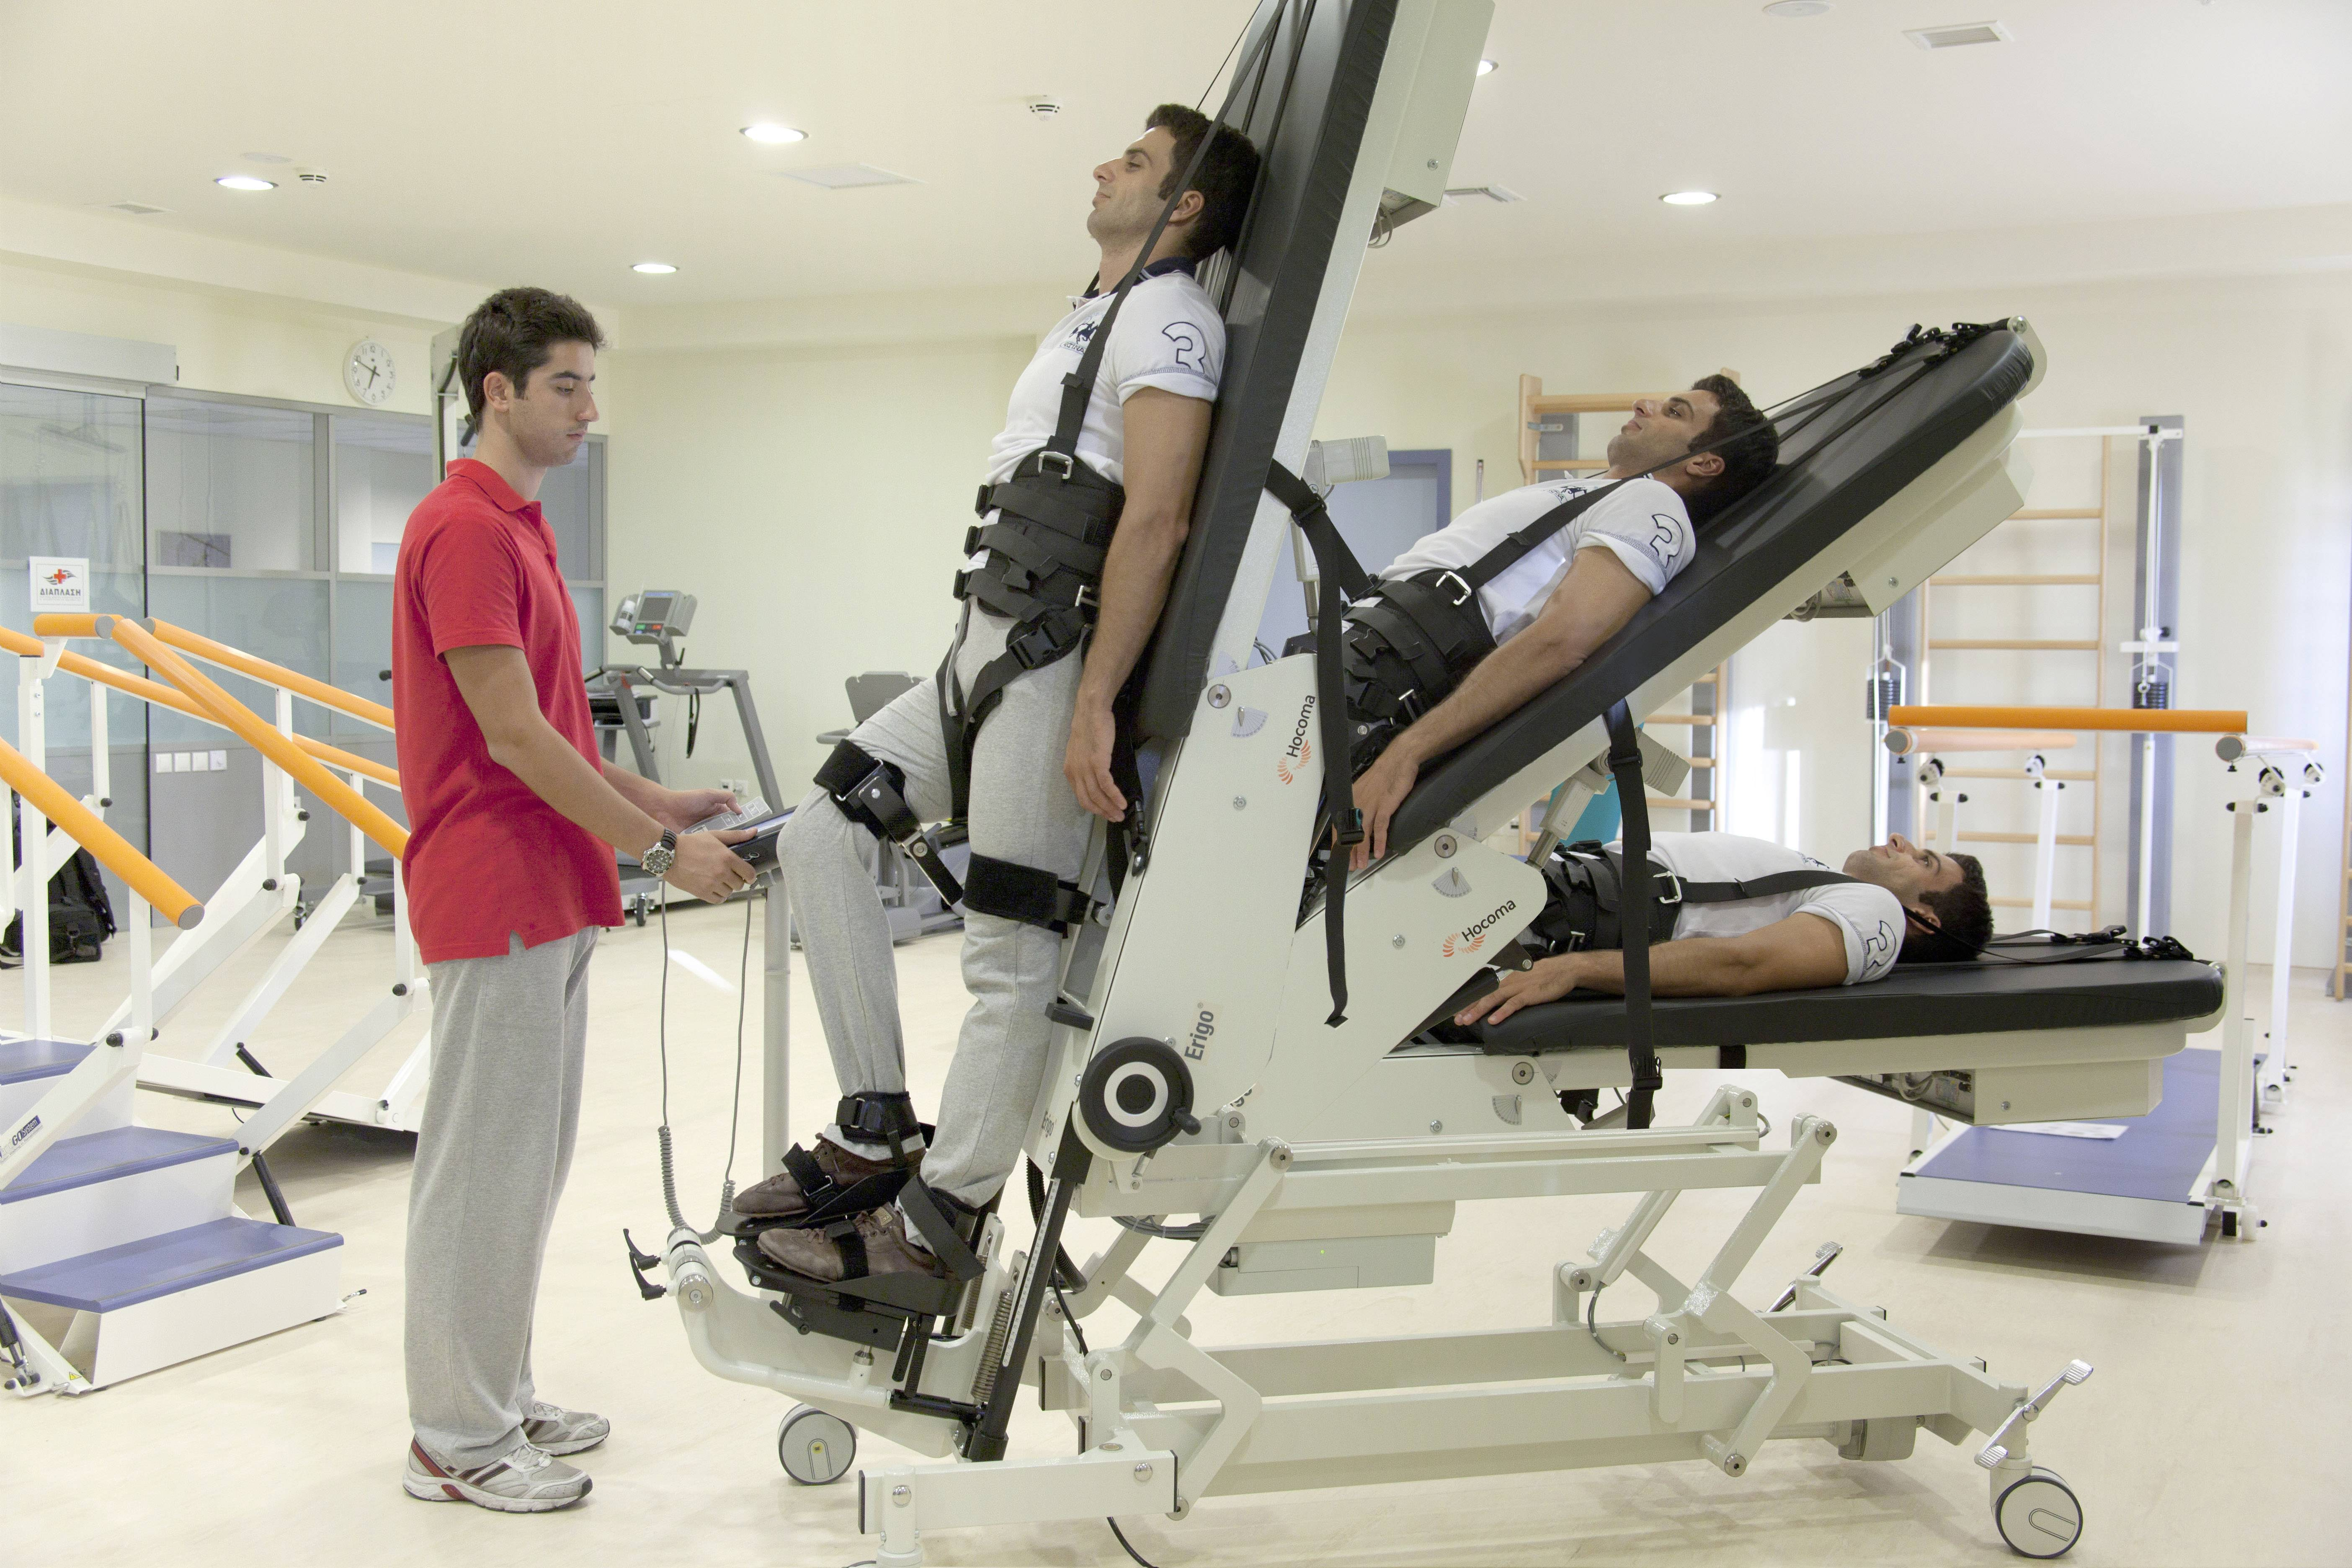 Лечение за границей: цены в европе, стоимость лечения за рубежом